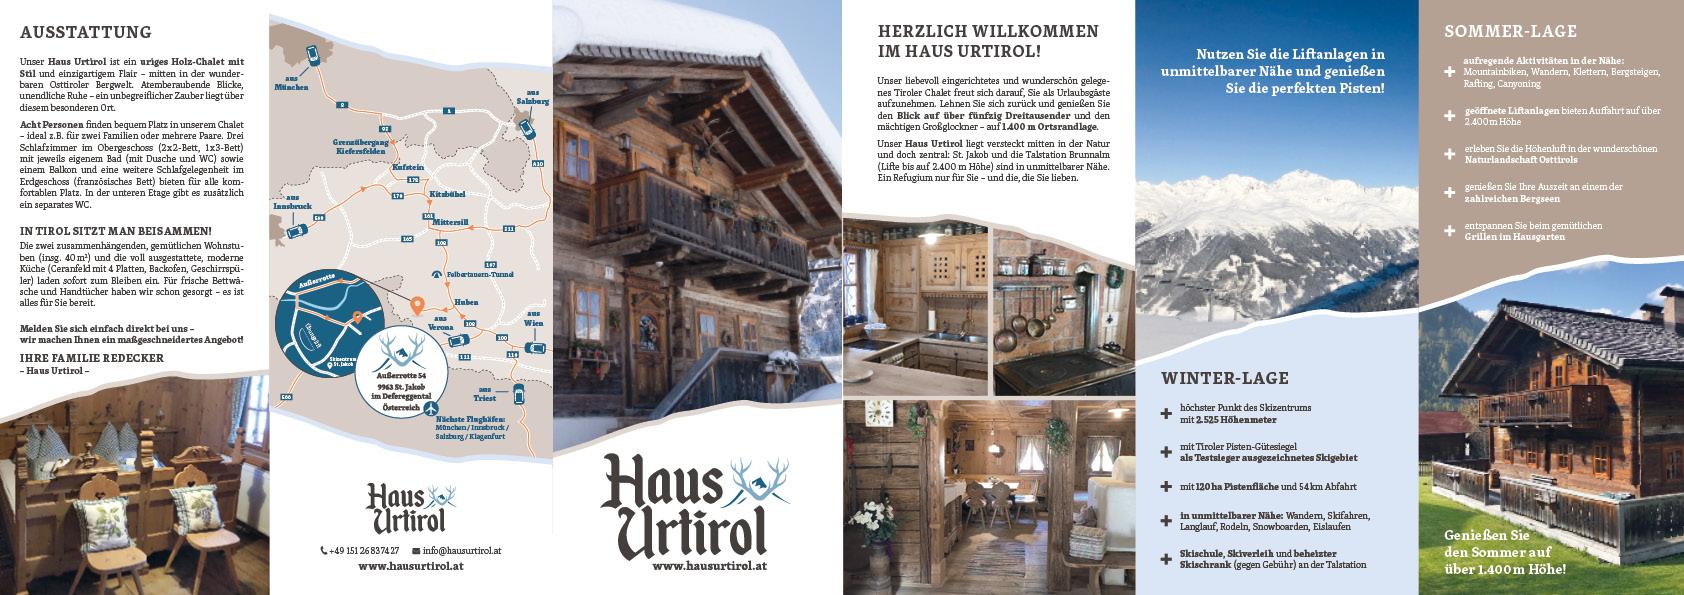 Haus Urtirol Flyer